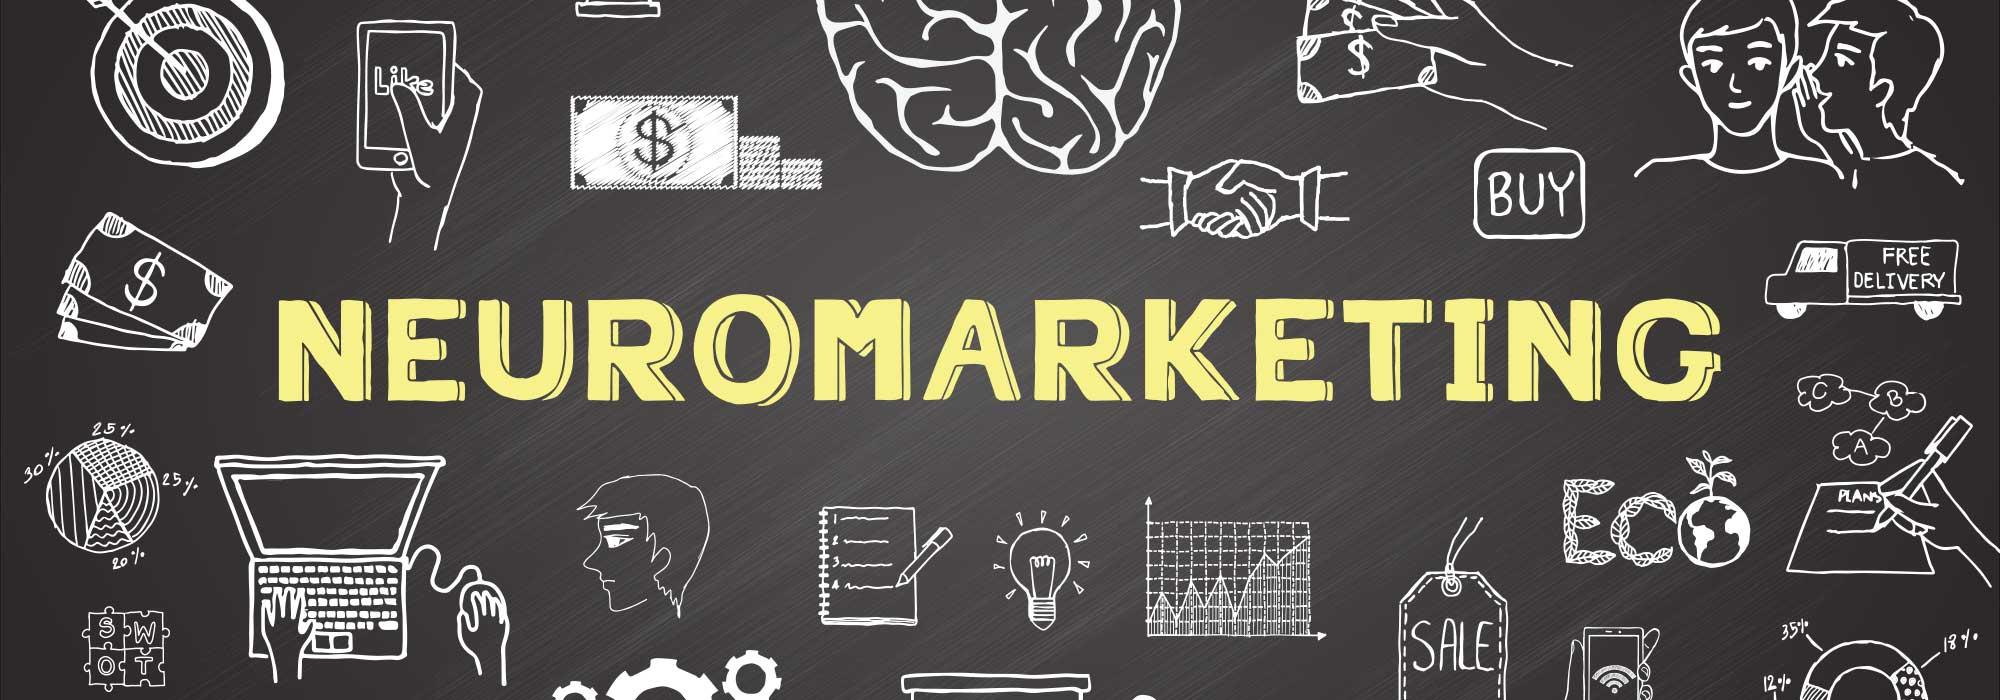 Neuromarketing: come coinvolgere il cliente